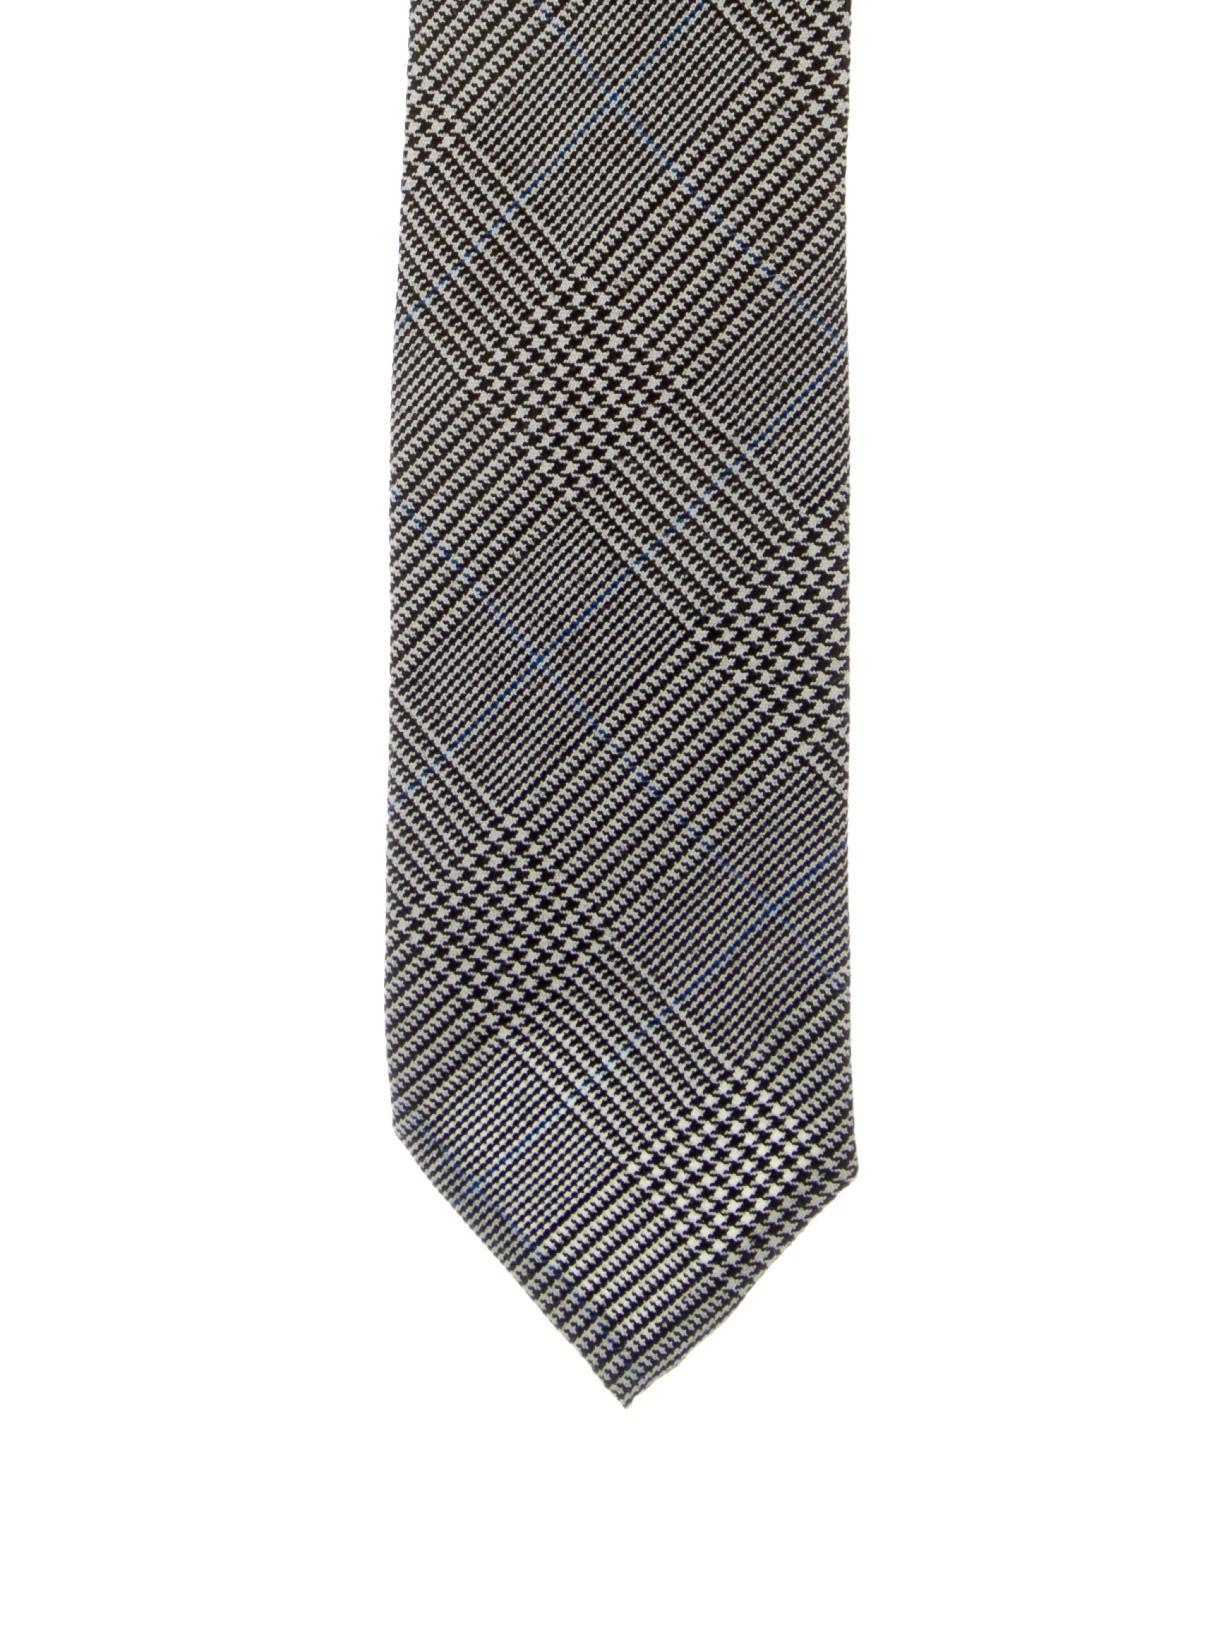 thom browne glen plaid wool tie suiting accessories